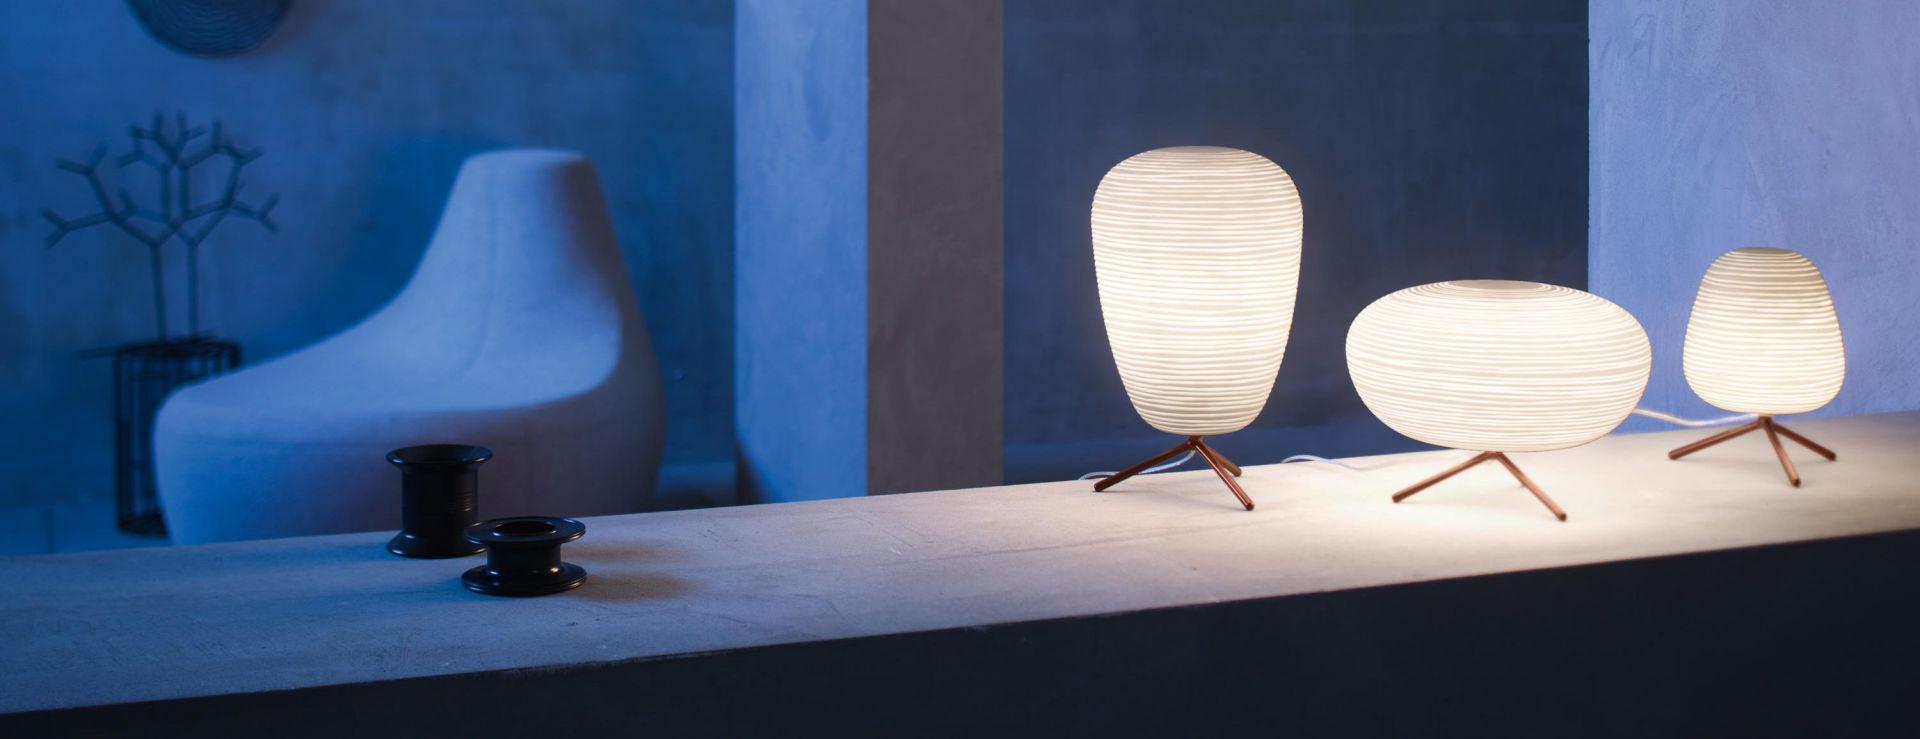 Rituals 2 Table Lamp E27 1x15w white